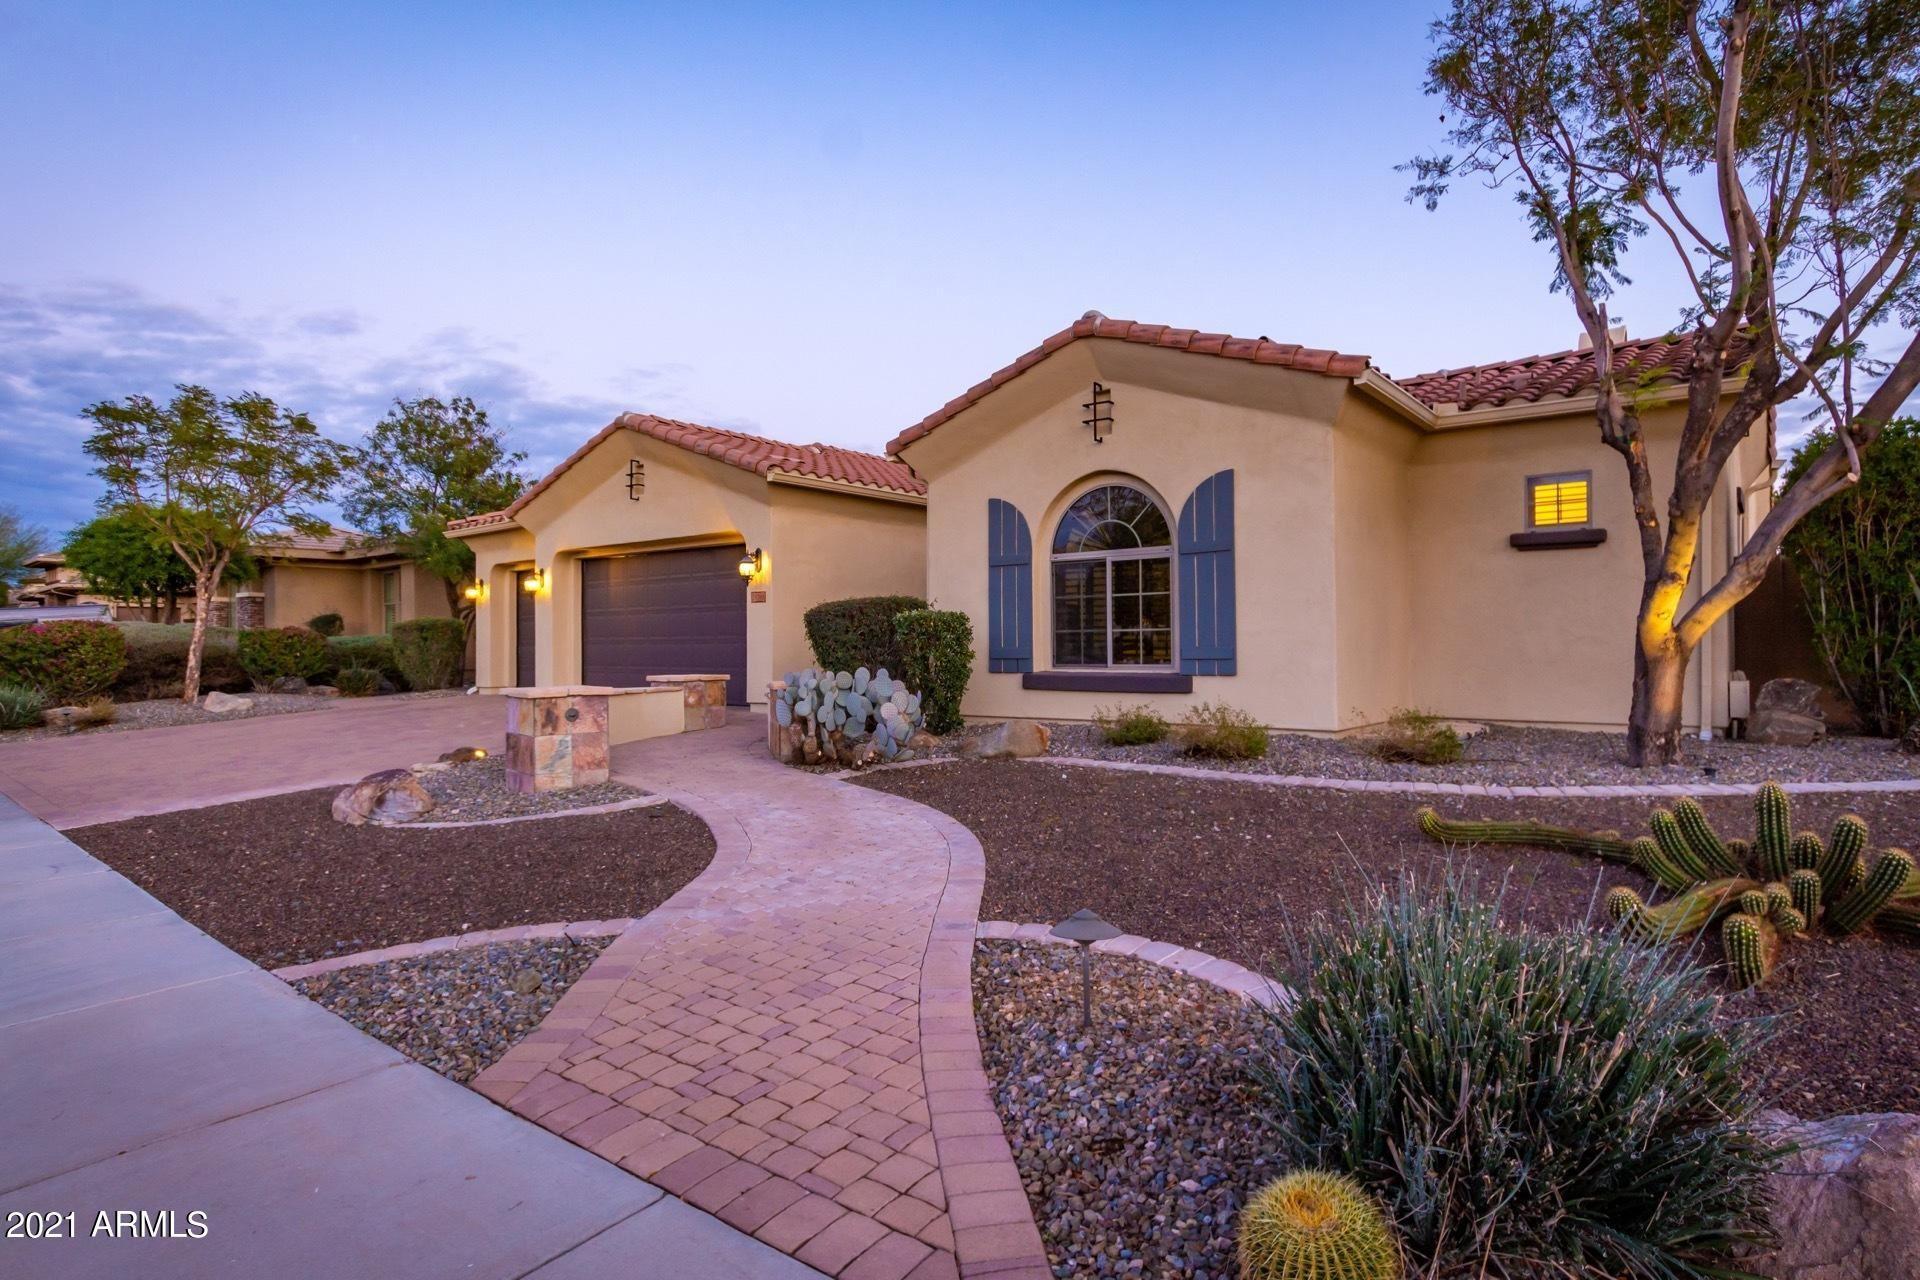 29395 N 120TH Lane, Peoria, AZ 85383 - MLS#: 6182239